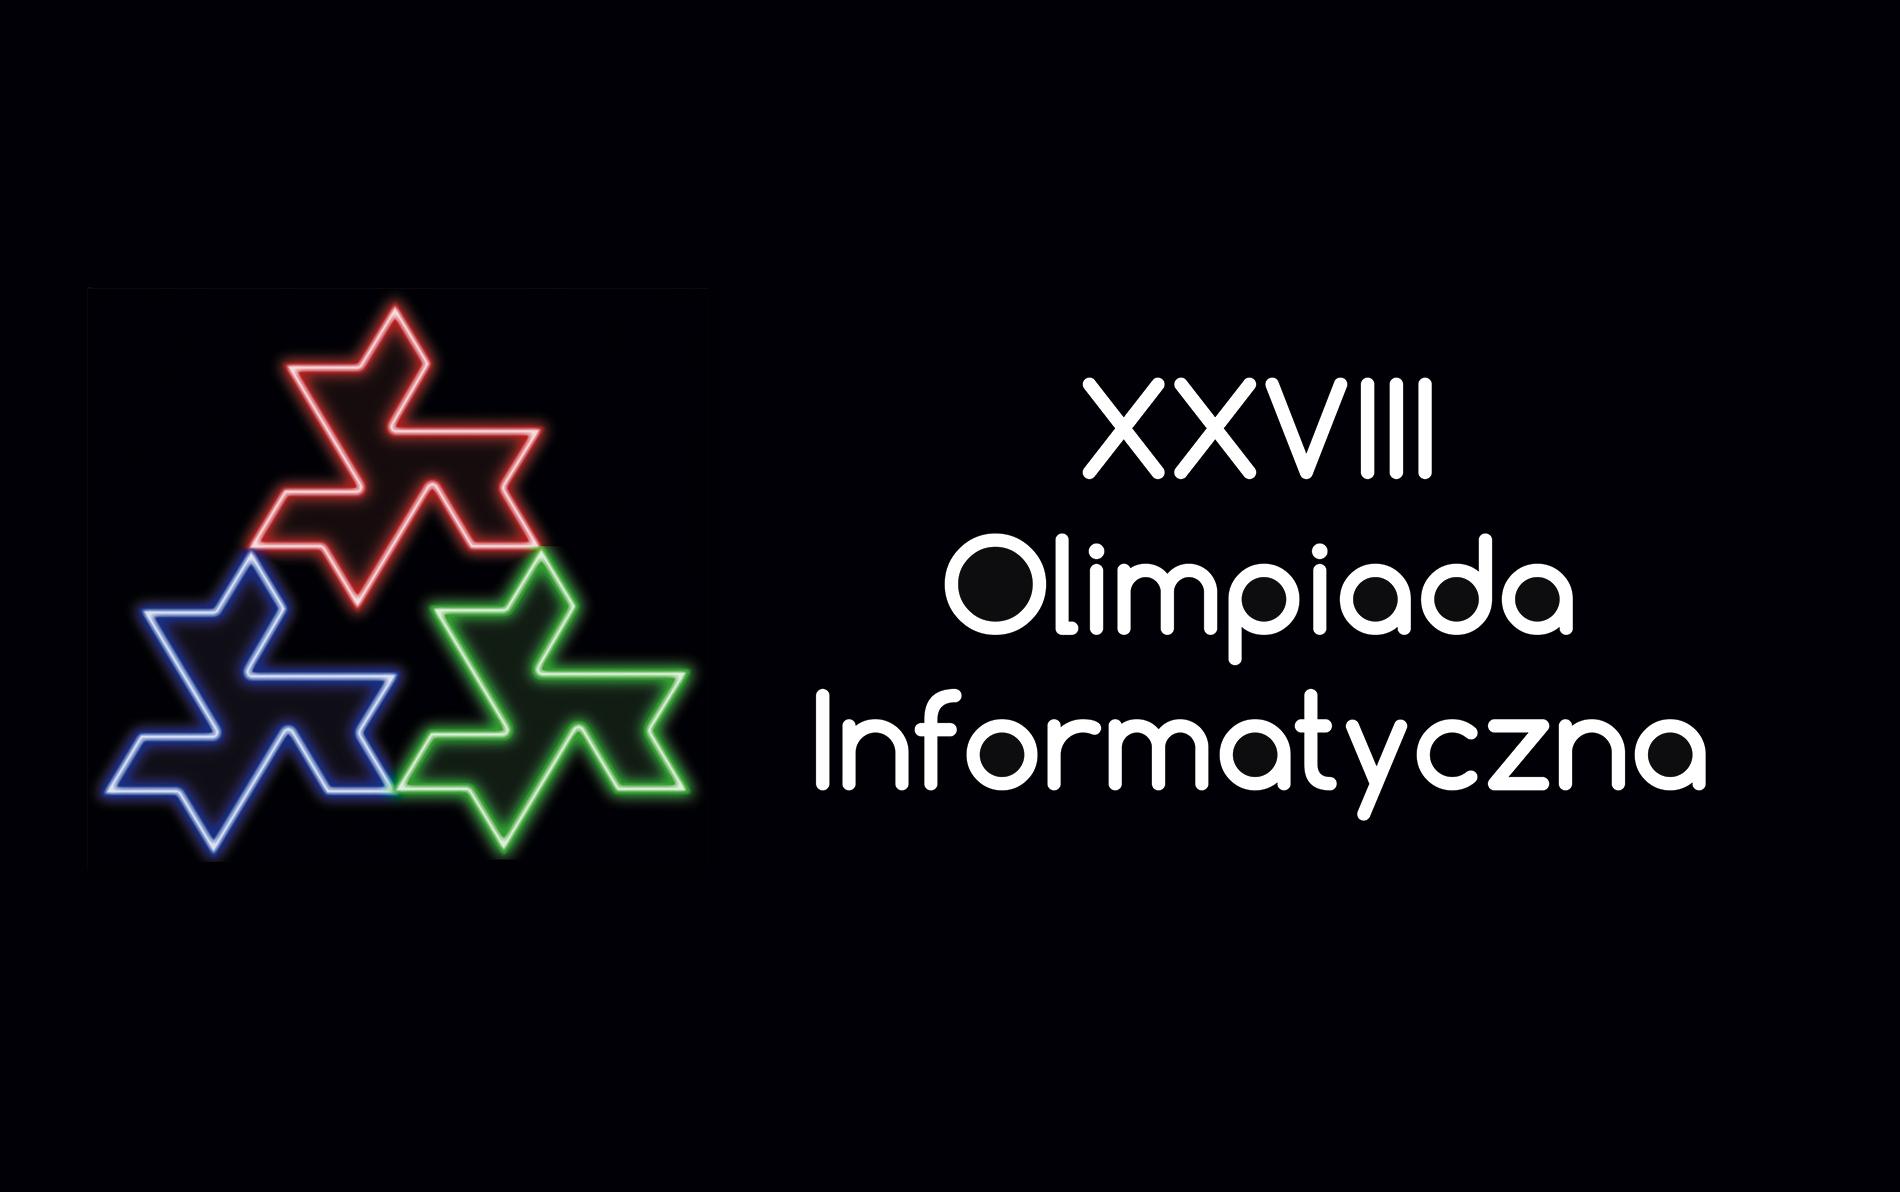 XXVIII Olimpiada Informatyczna